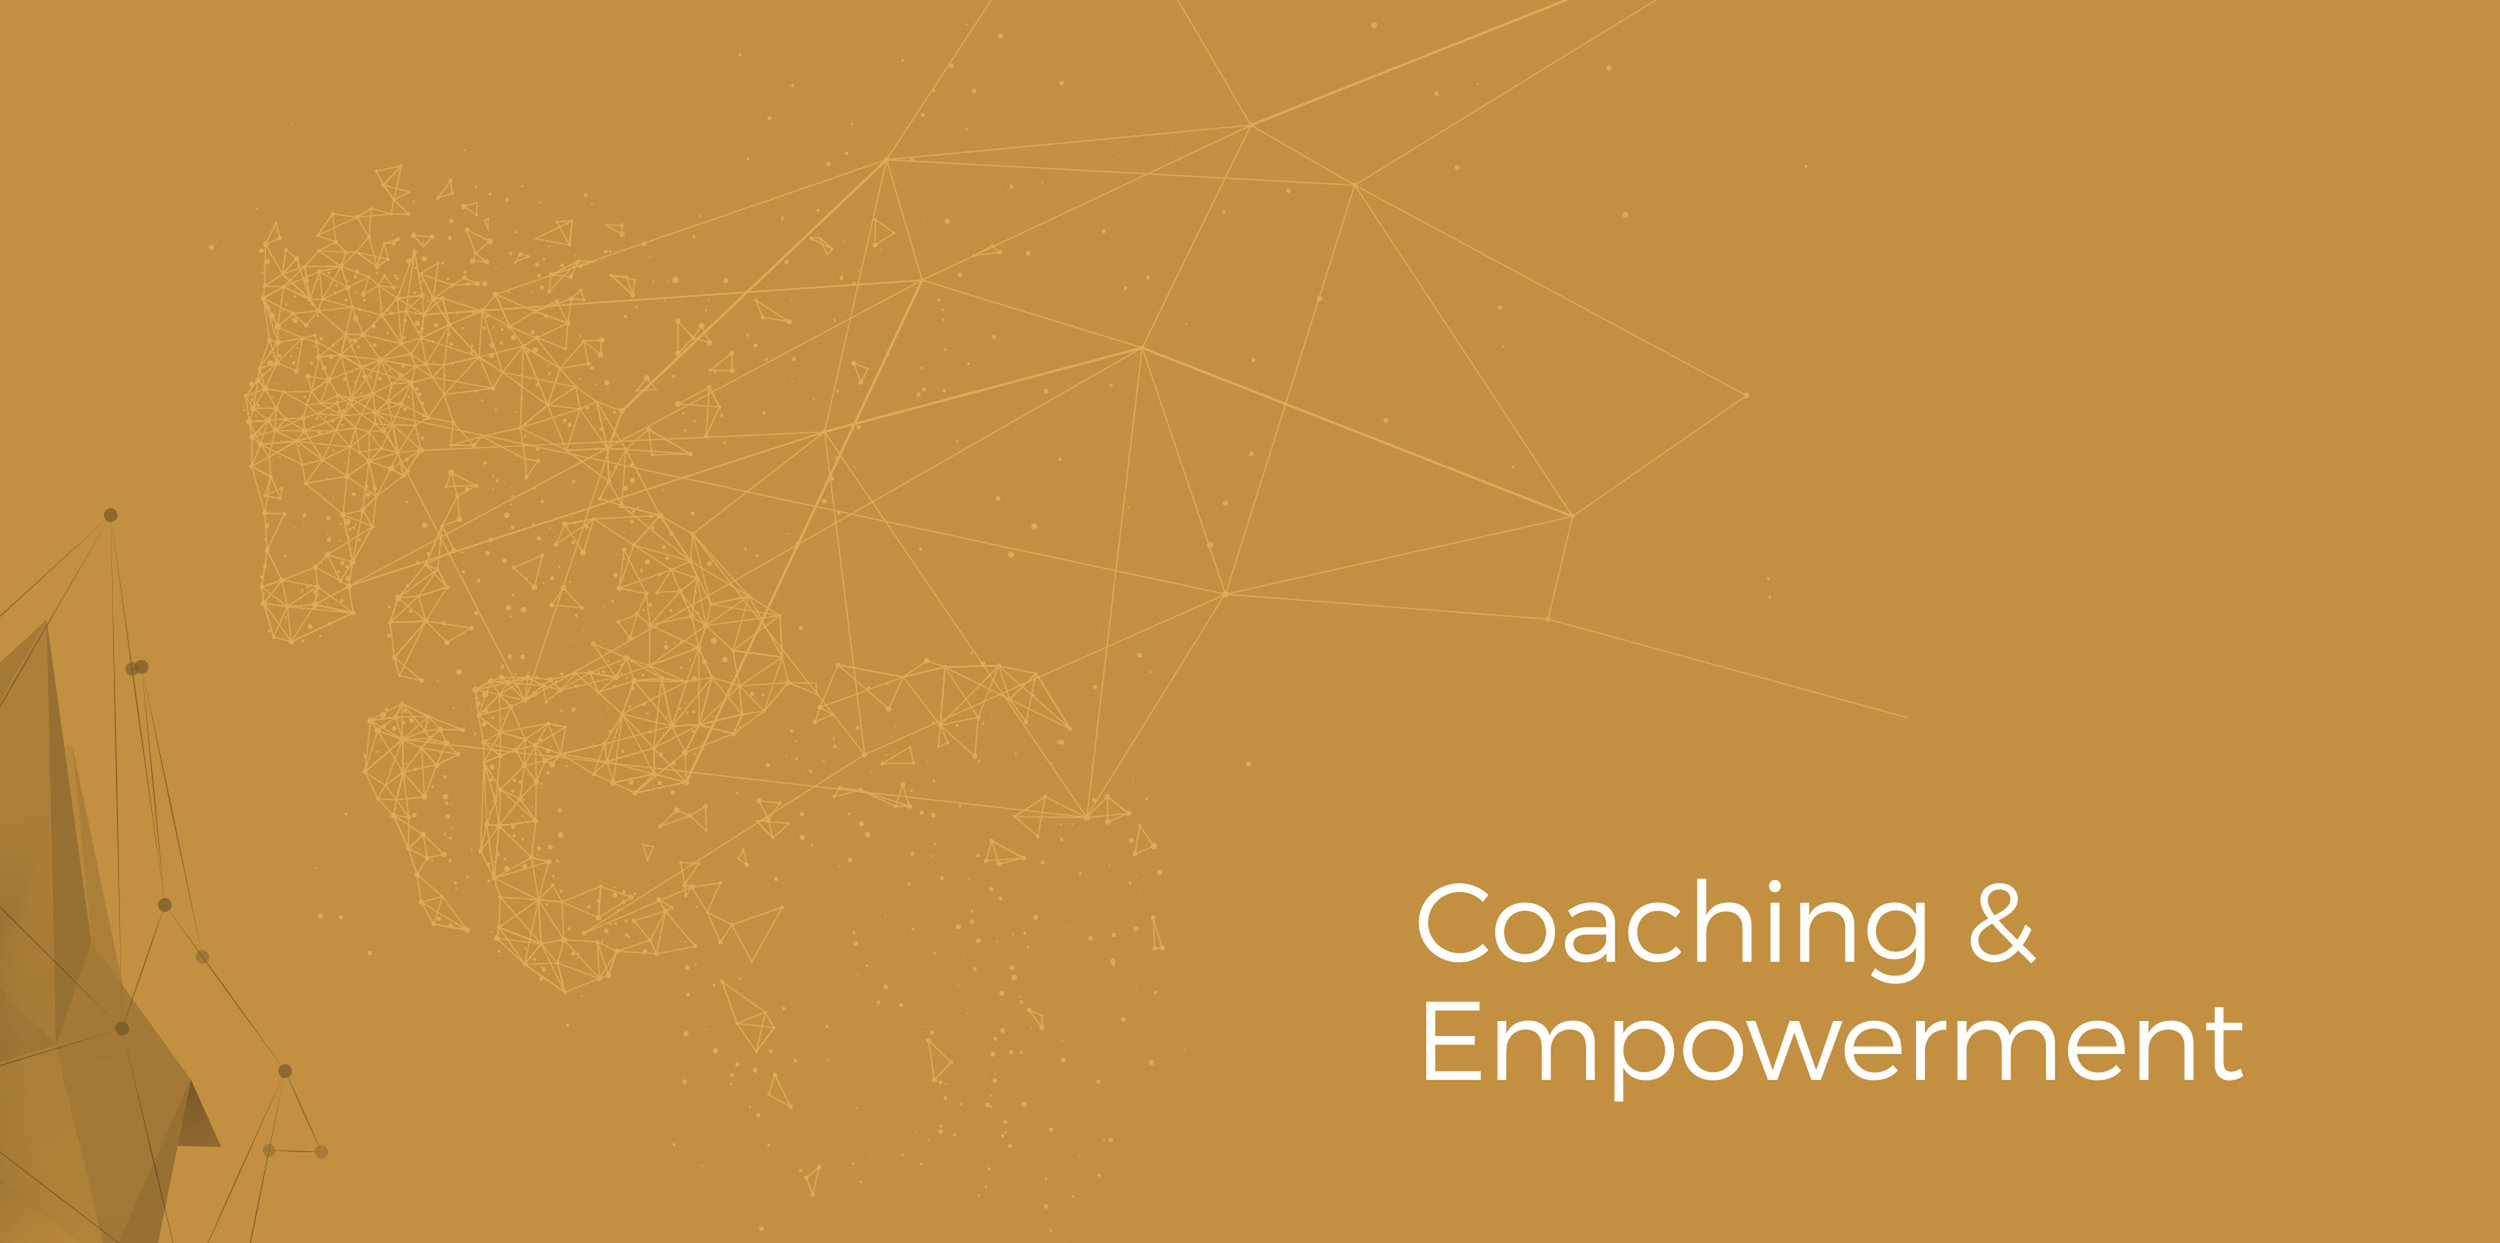 coaching-&-empowerment.jpg